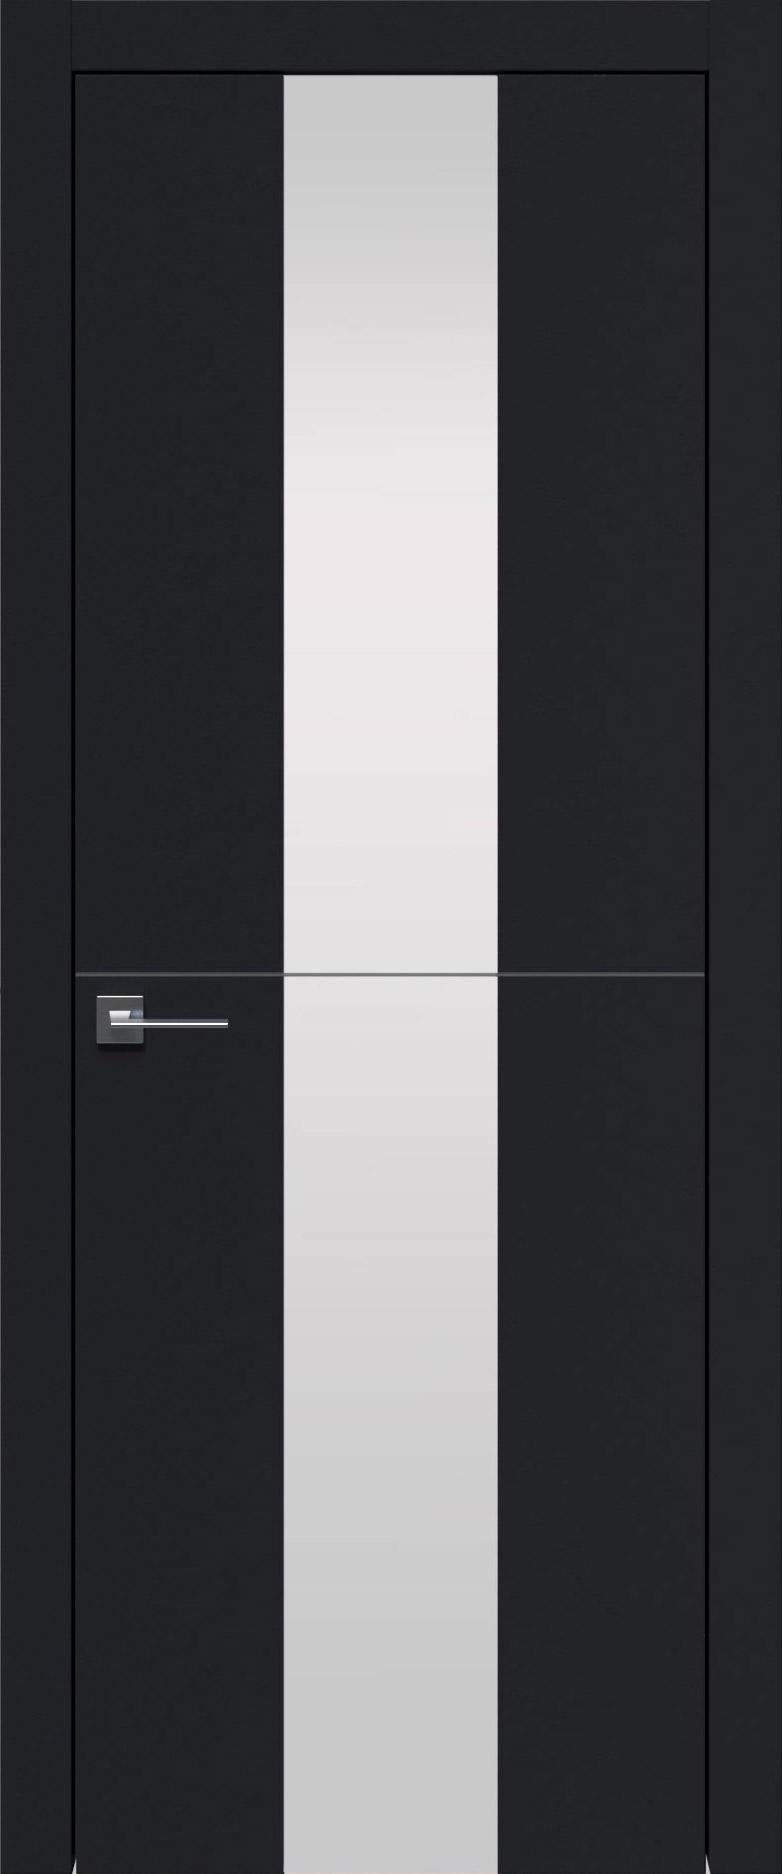 Tivoli Ж-3 цвет - Черная эмаль (RAL 9004) Со стеклом (ДО)